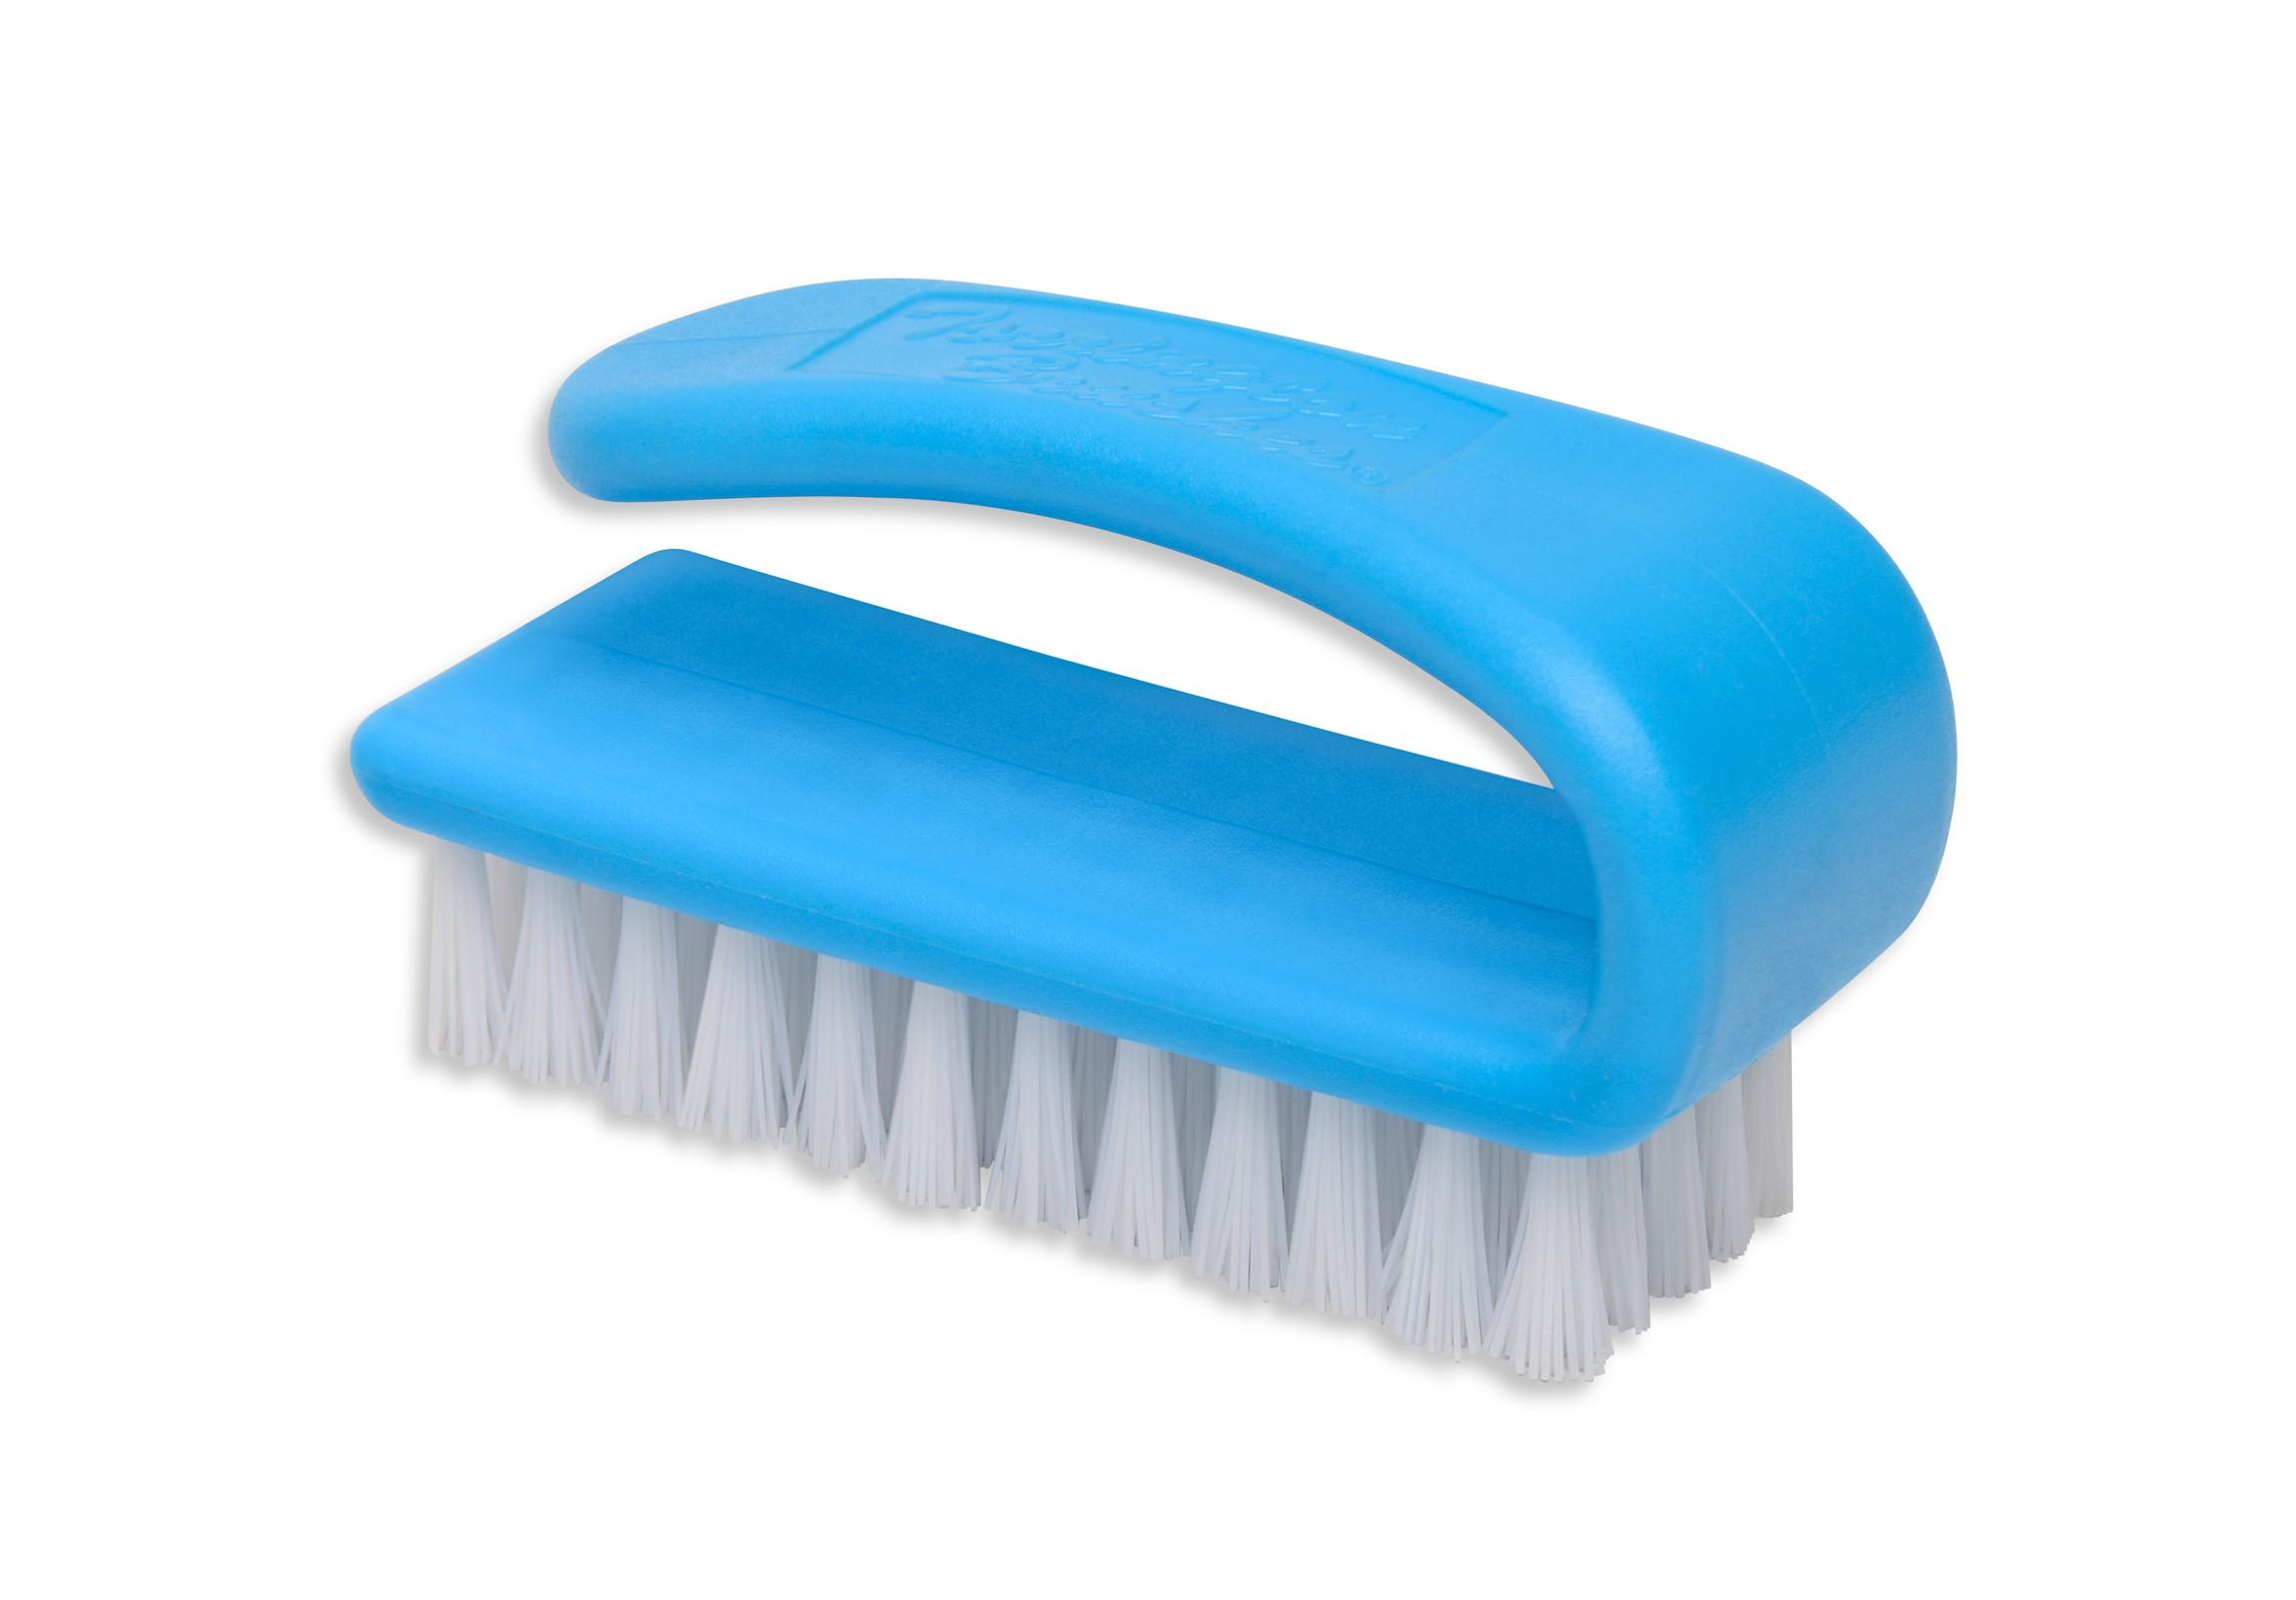 Item 04835 White Nylon 3 Finger Nail Brush